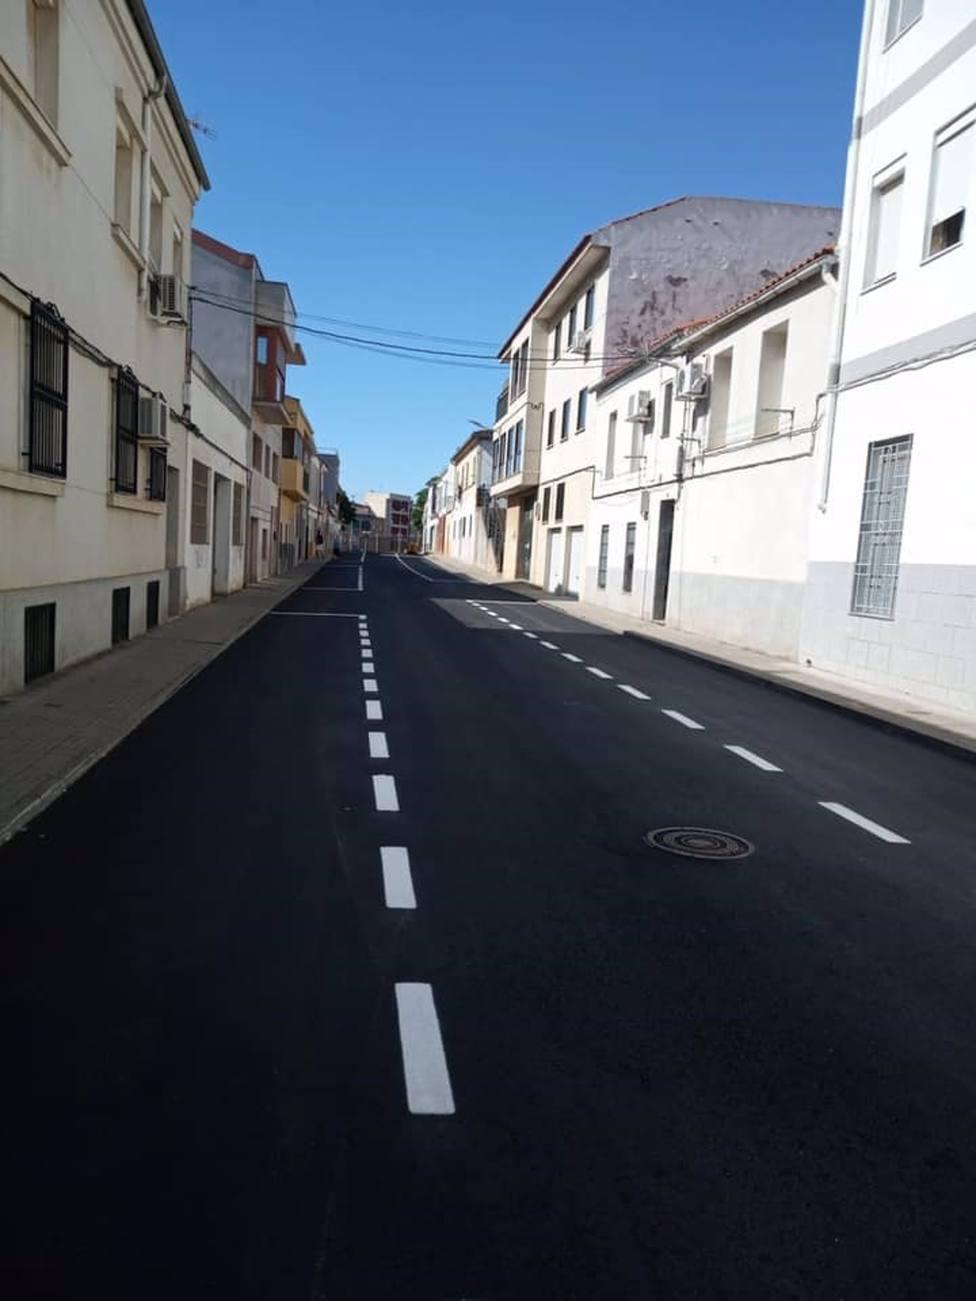 El Ayuntamiento de Cáceres reorganiza el tráfico en la zona de la plaza de Antonio Canales para ganar seguridad